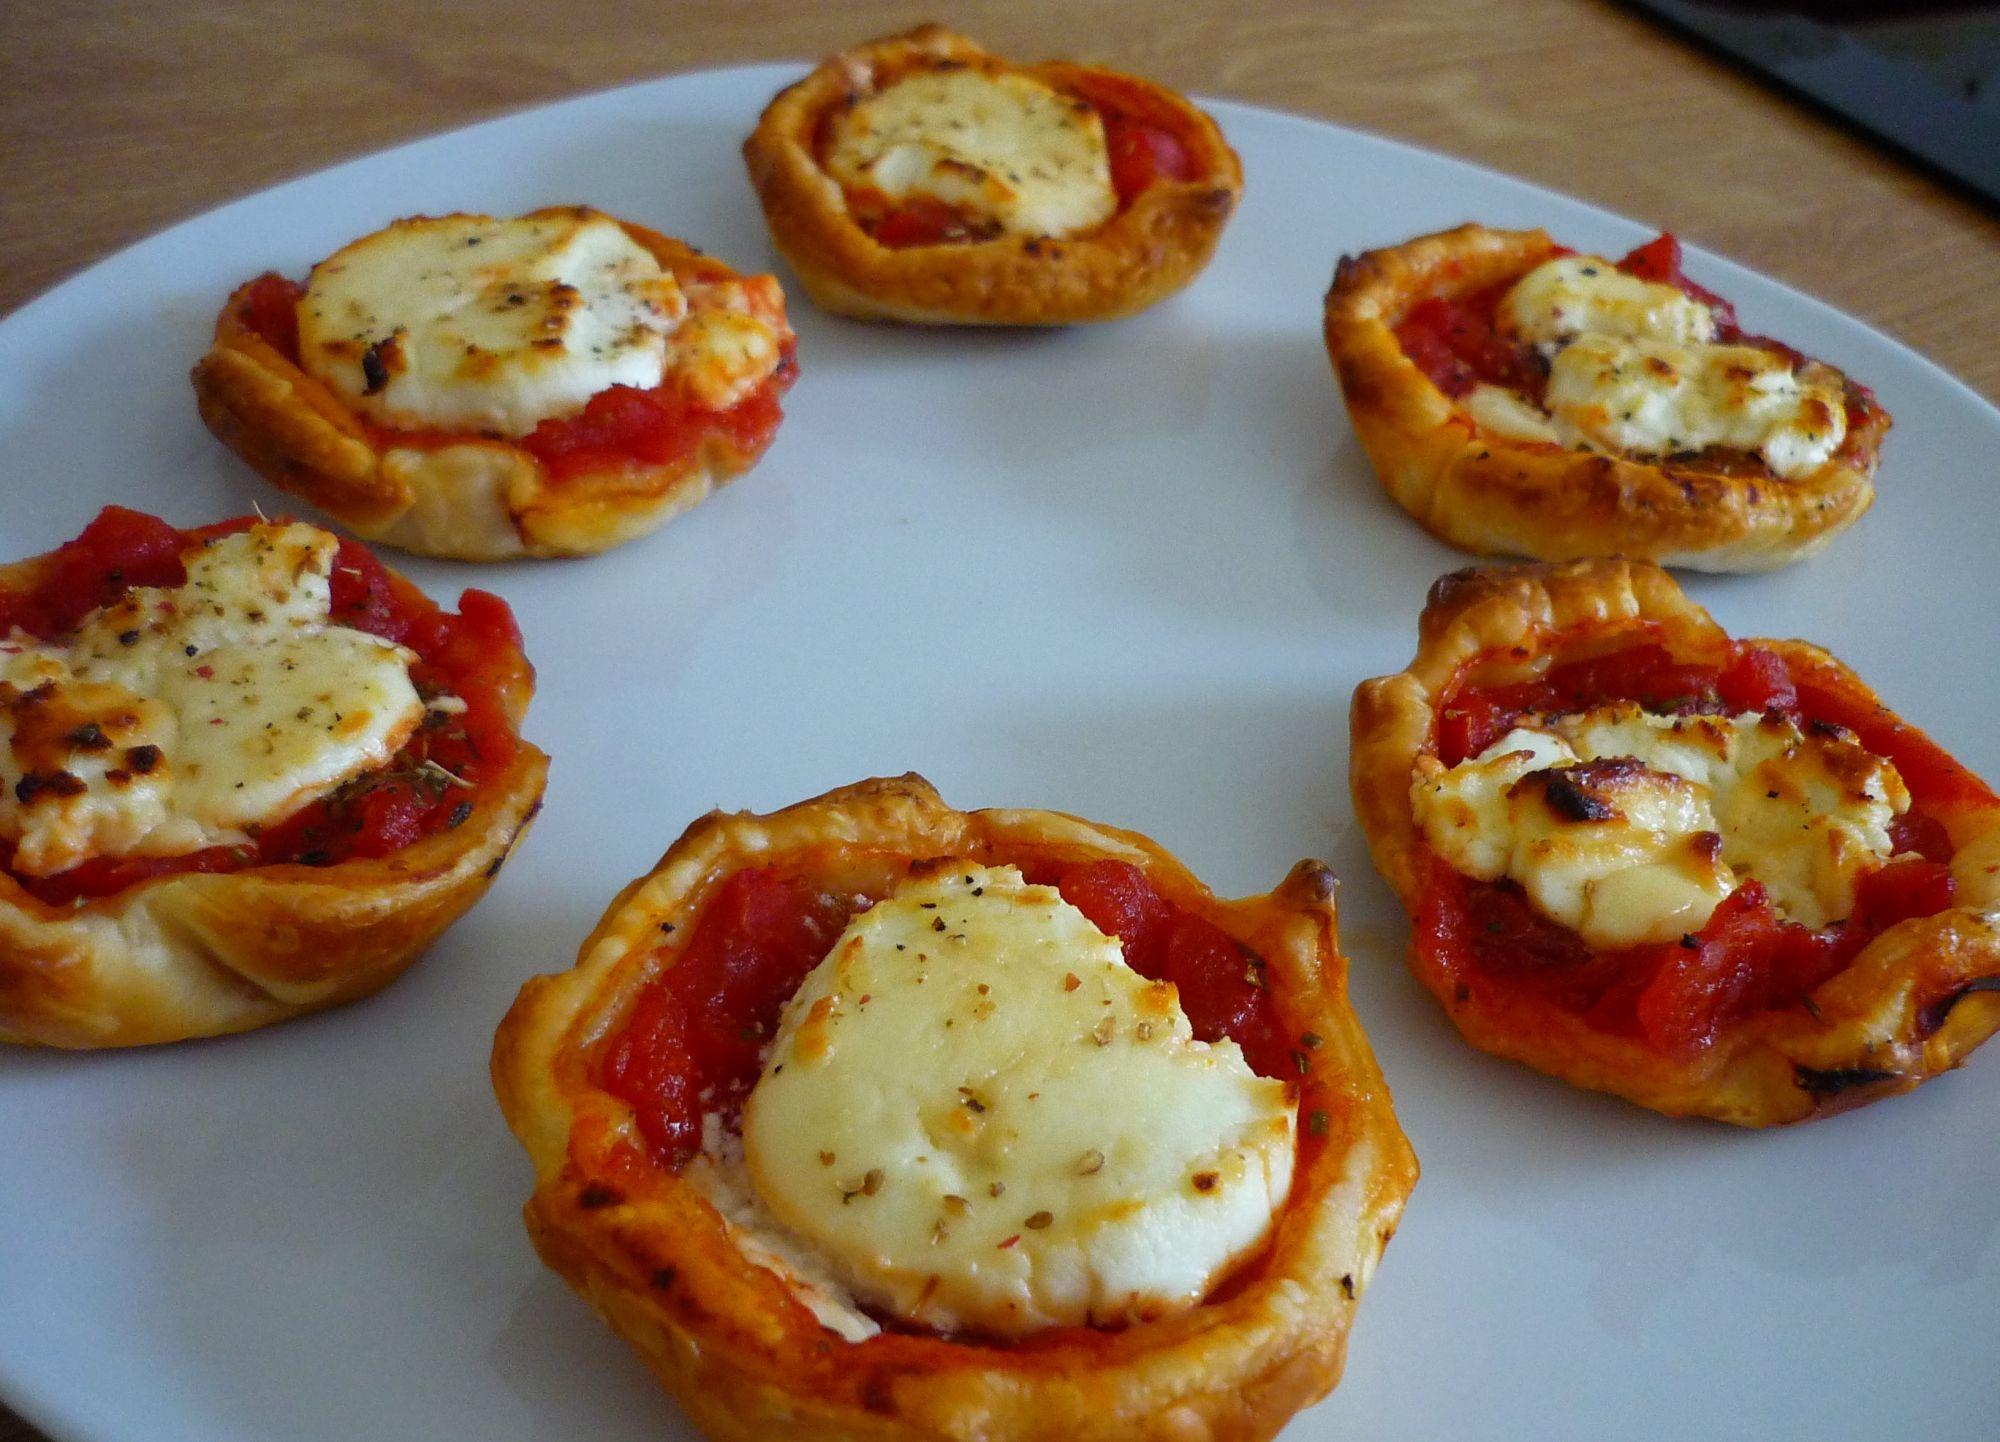 Tartaletas de tomate y queso de cabra 4 5 5 - Queso de cabra y colesterol ...